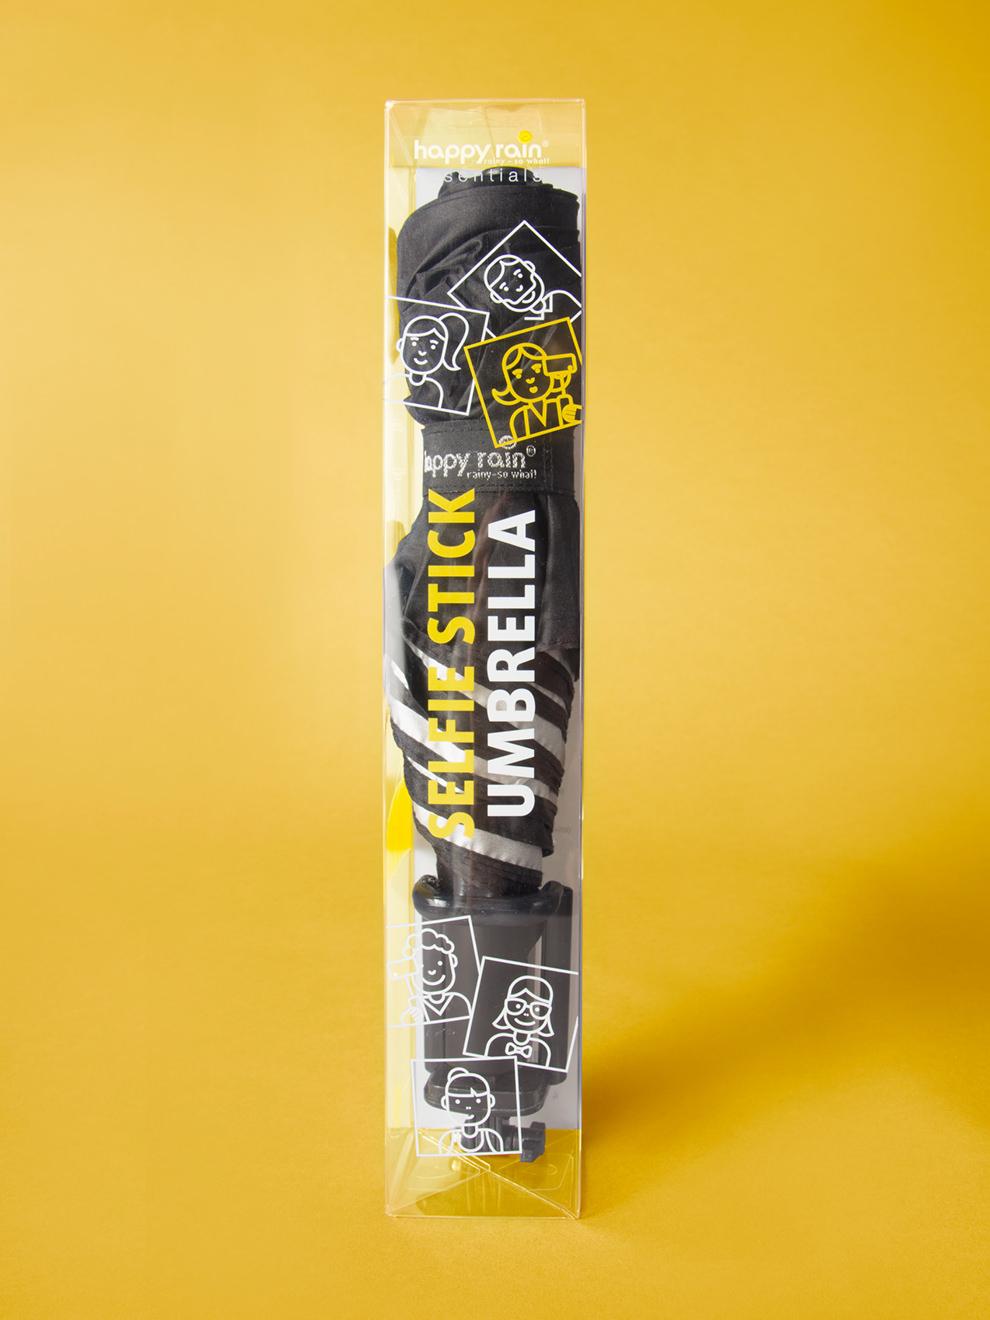 Selfie Stick Umbrealla Verpackung in Gelb; Design von der Designagentur sons of ipanema aus Köln